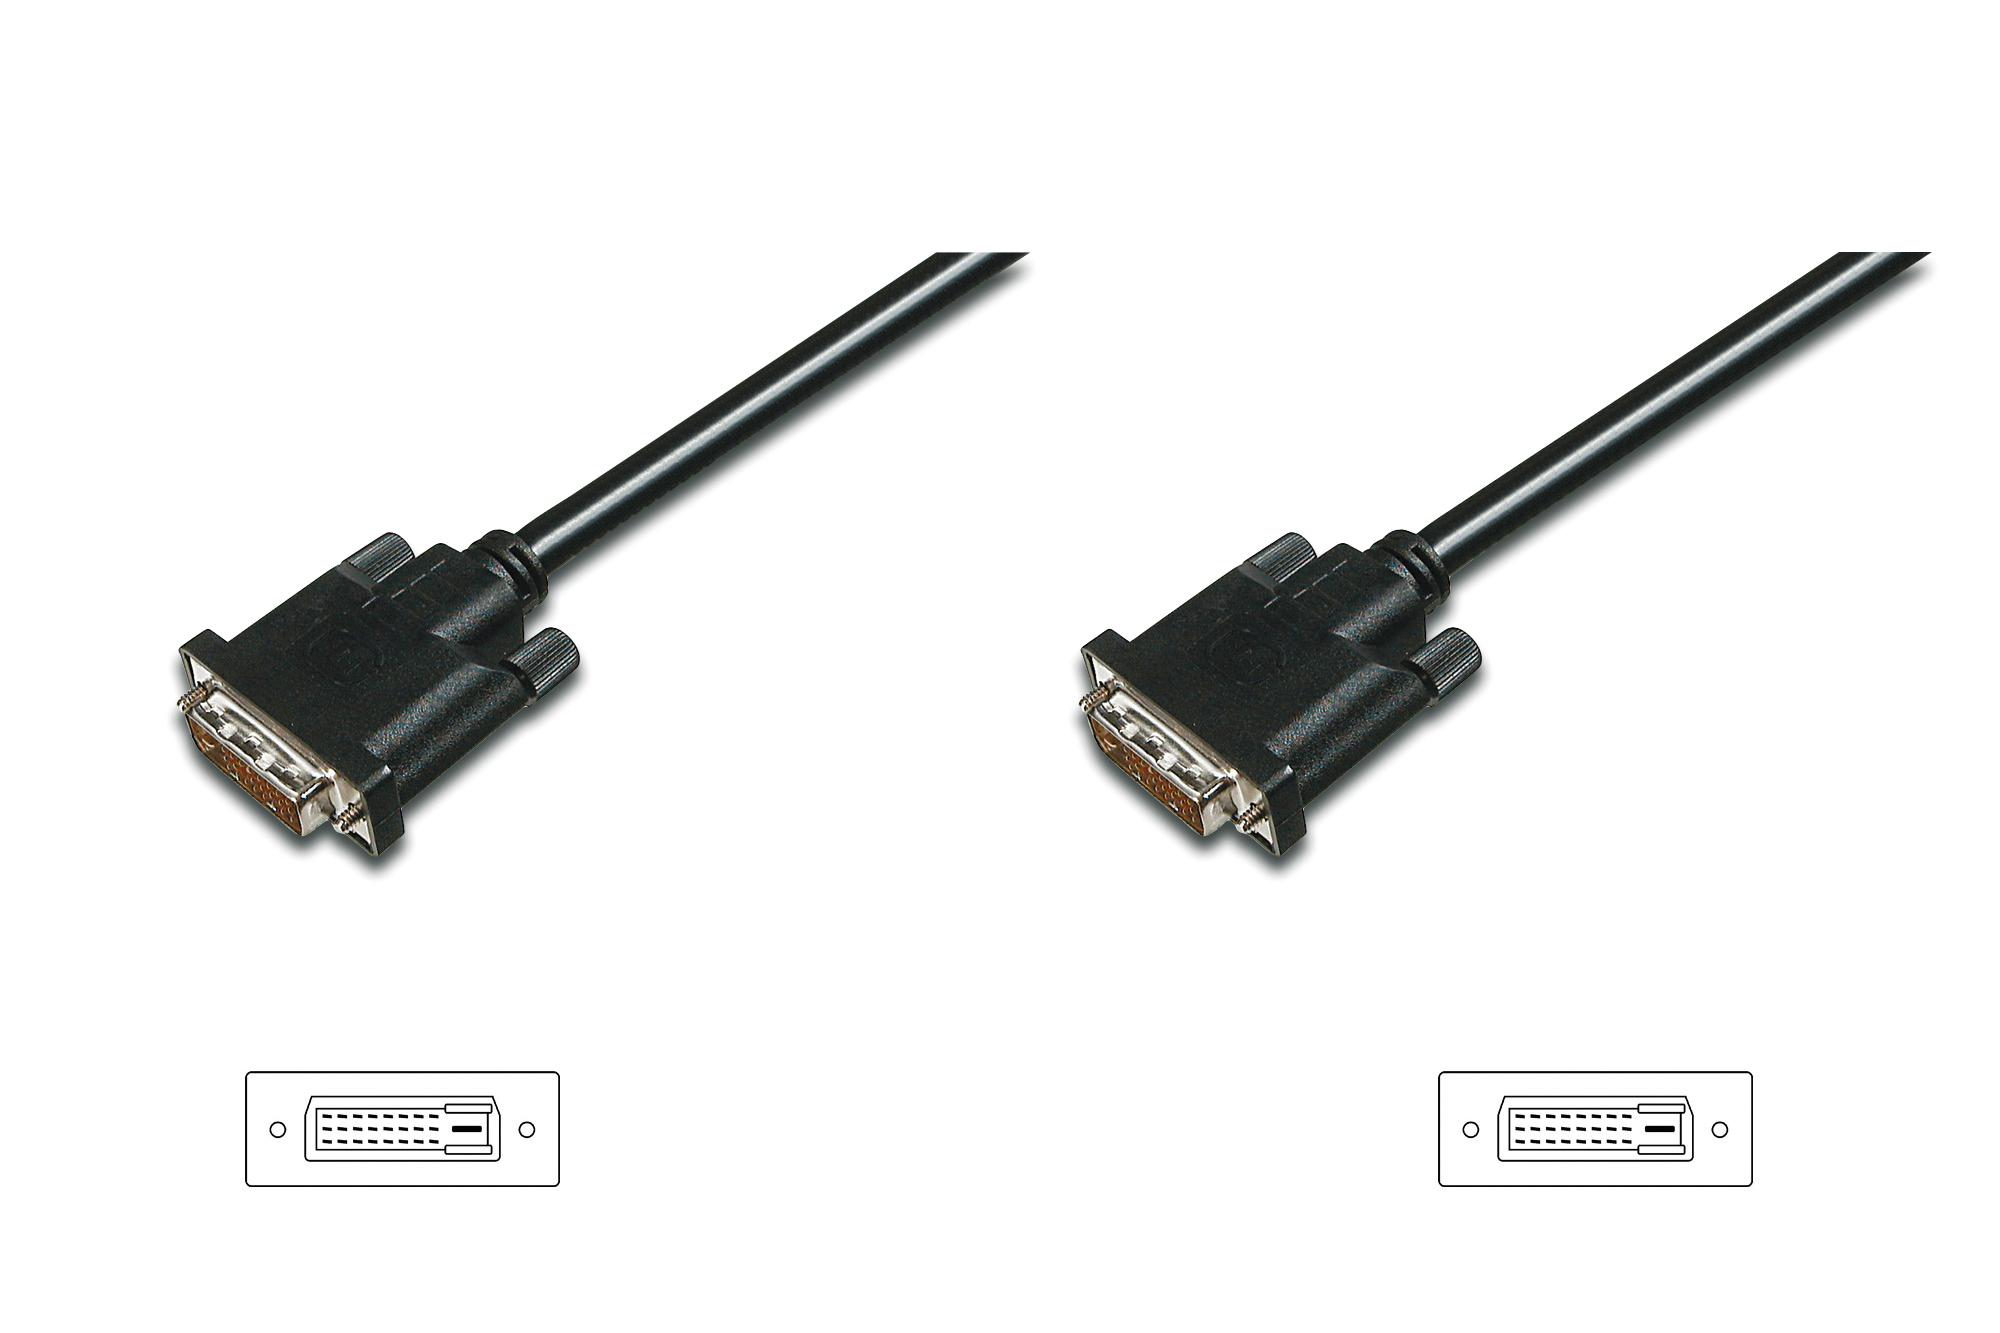 ASSMANN Electronic AK-320108-005-S DVI cable 0.5 m DVI-D Black